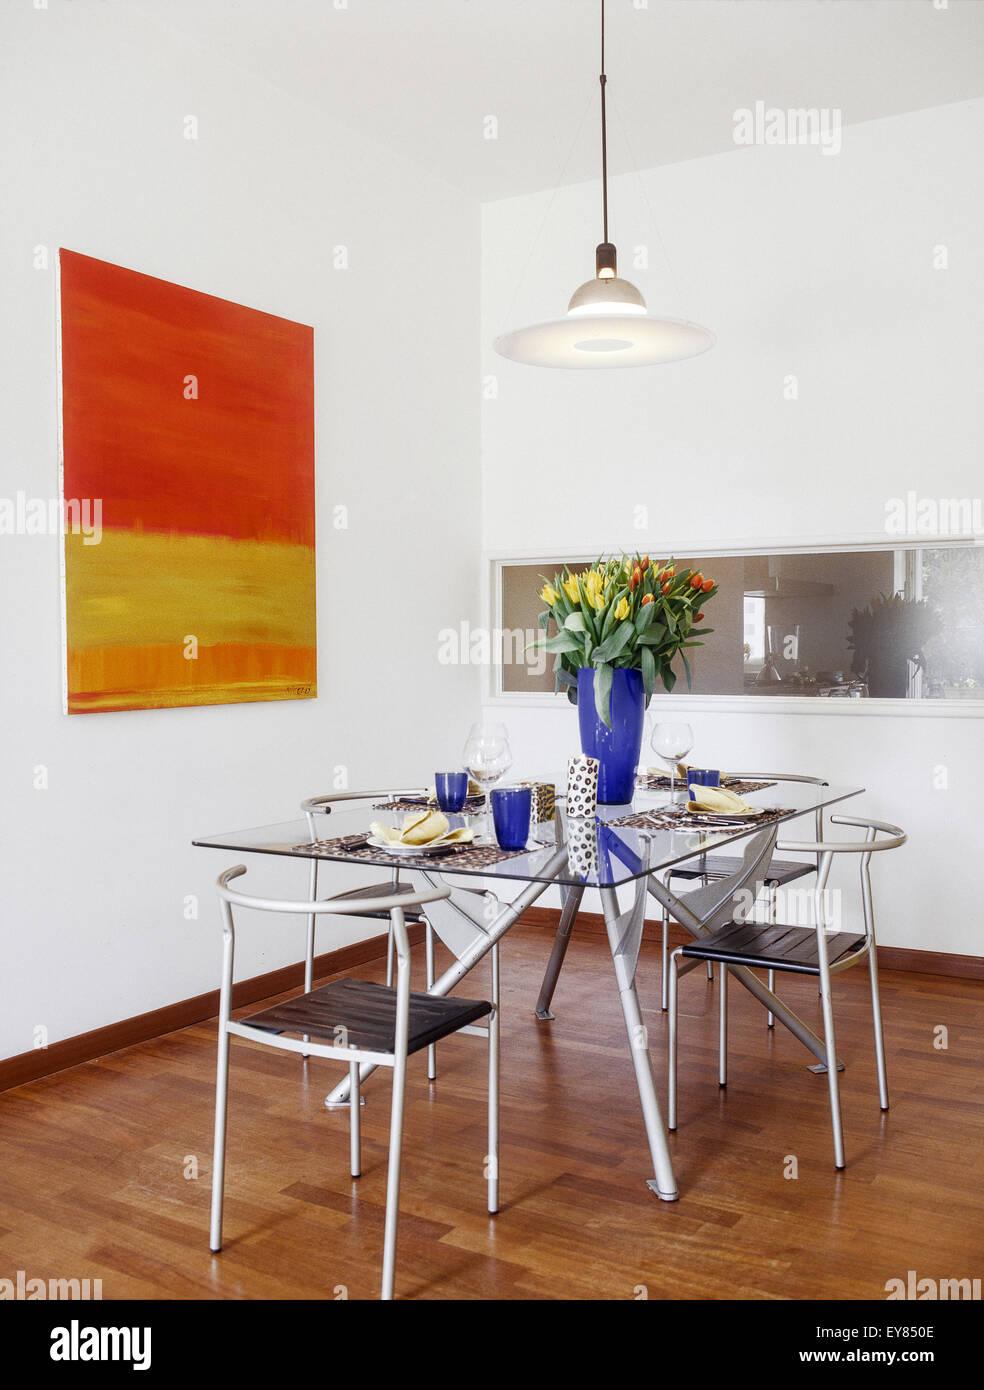 Avant-plan d'une table à manger avec des plats de verre et vase de tulipes sur elle Photo Stock